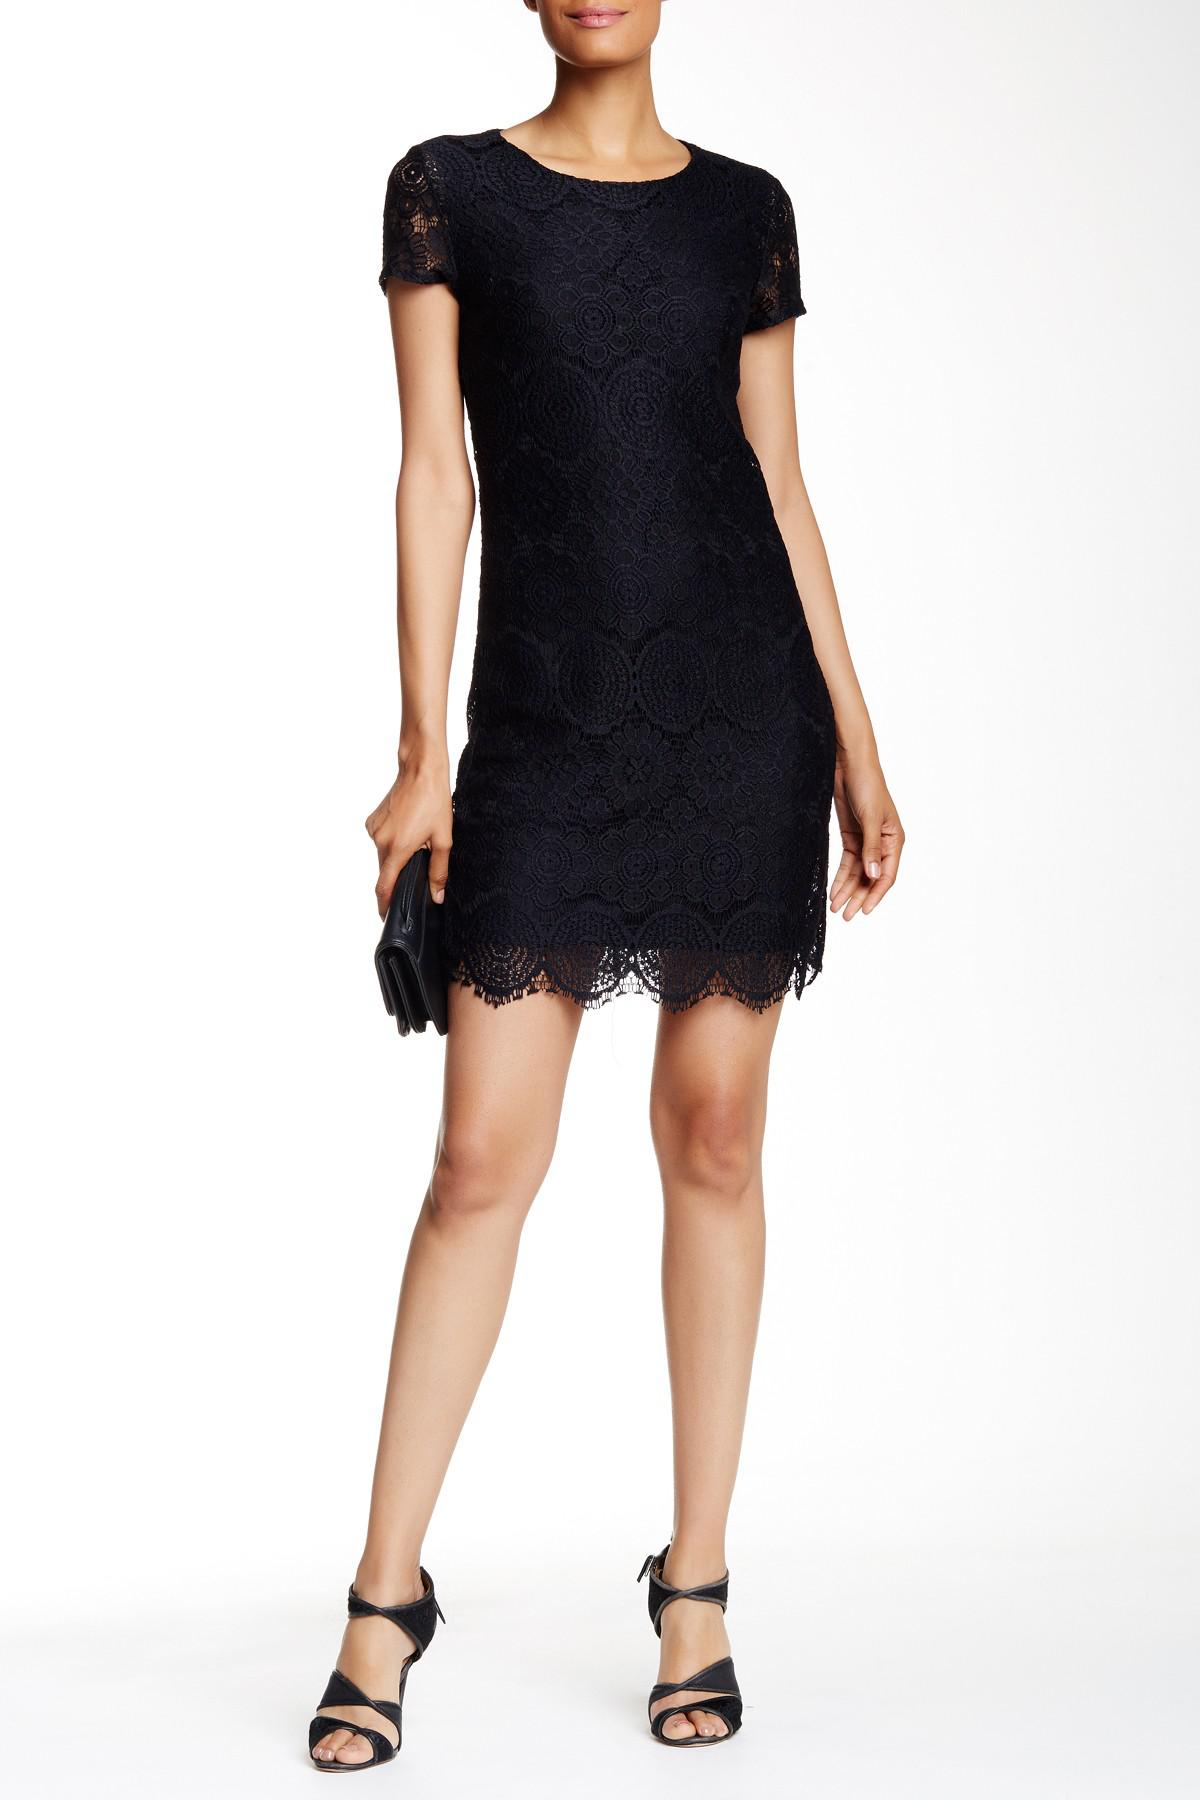 d59cbee6cb7 Black Short Sleeve Shift Dress - Data Dynamic AG